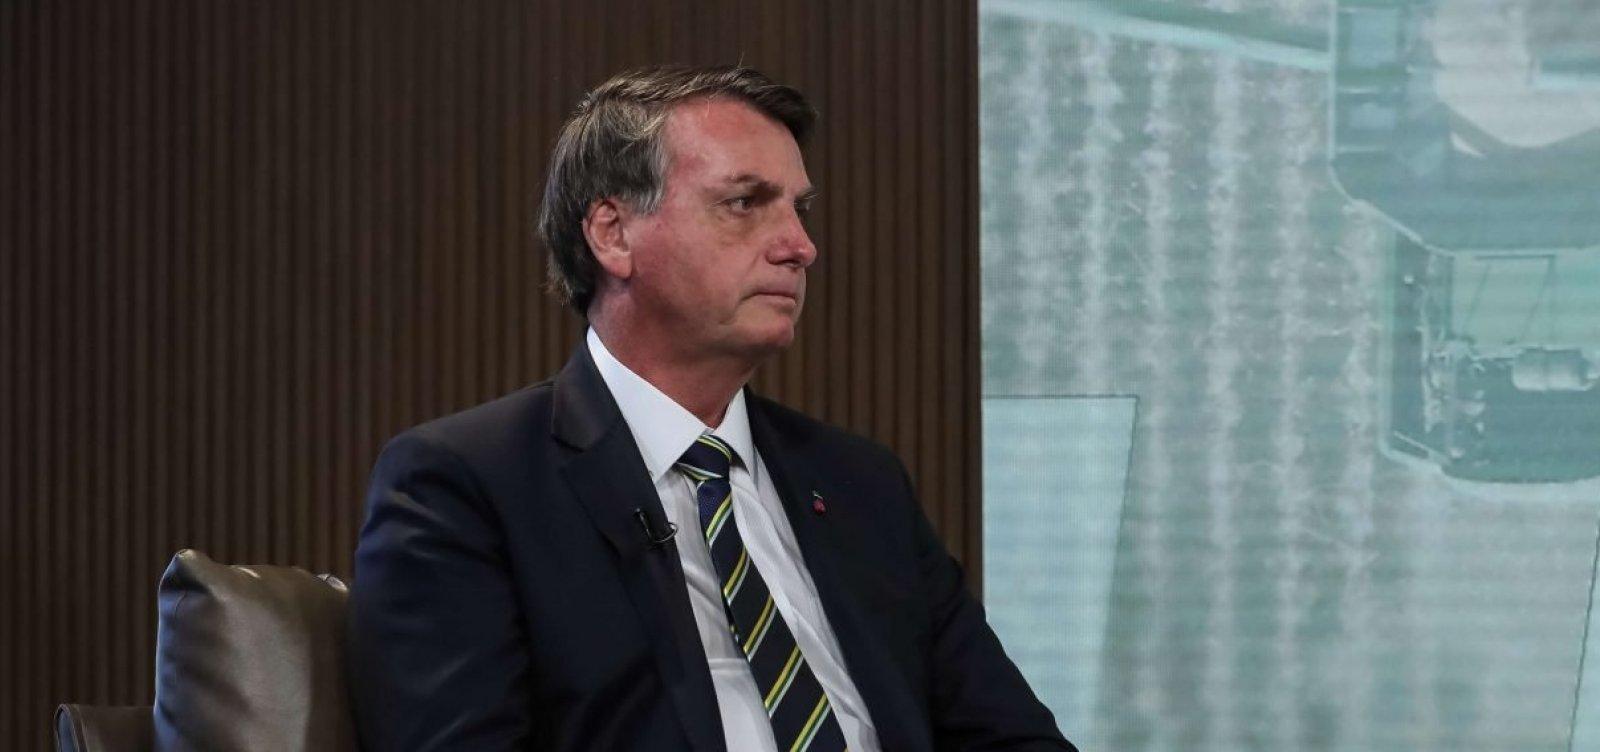 [Bolsonaro culpa 'desinformação' por imagem ambiental negativa do Brasil]